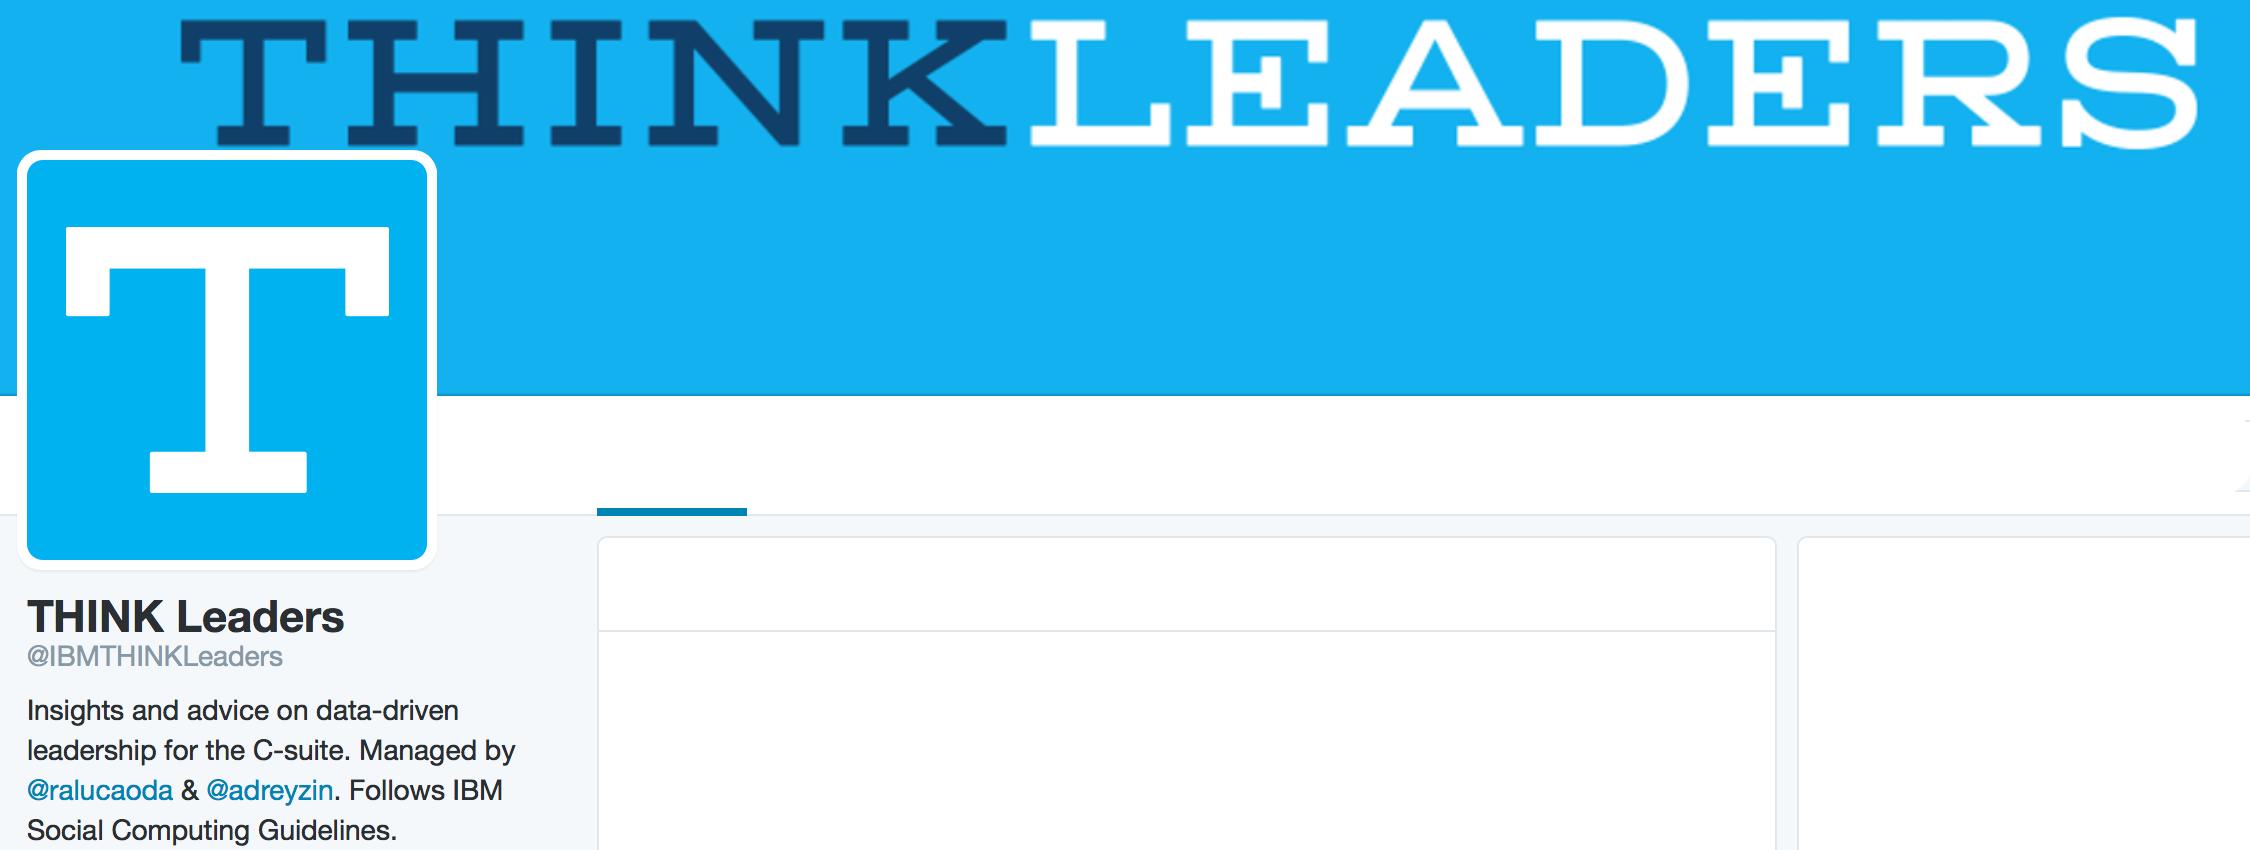 THINK_Leaders___IBMTHINKLeaders____Twitter